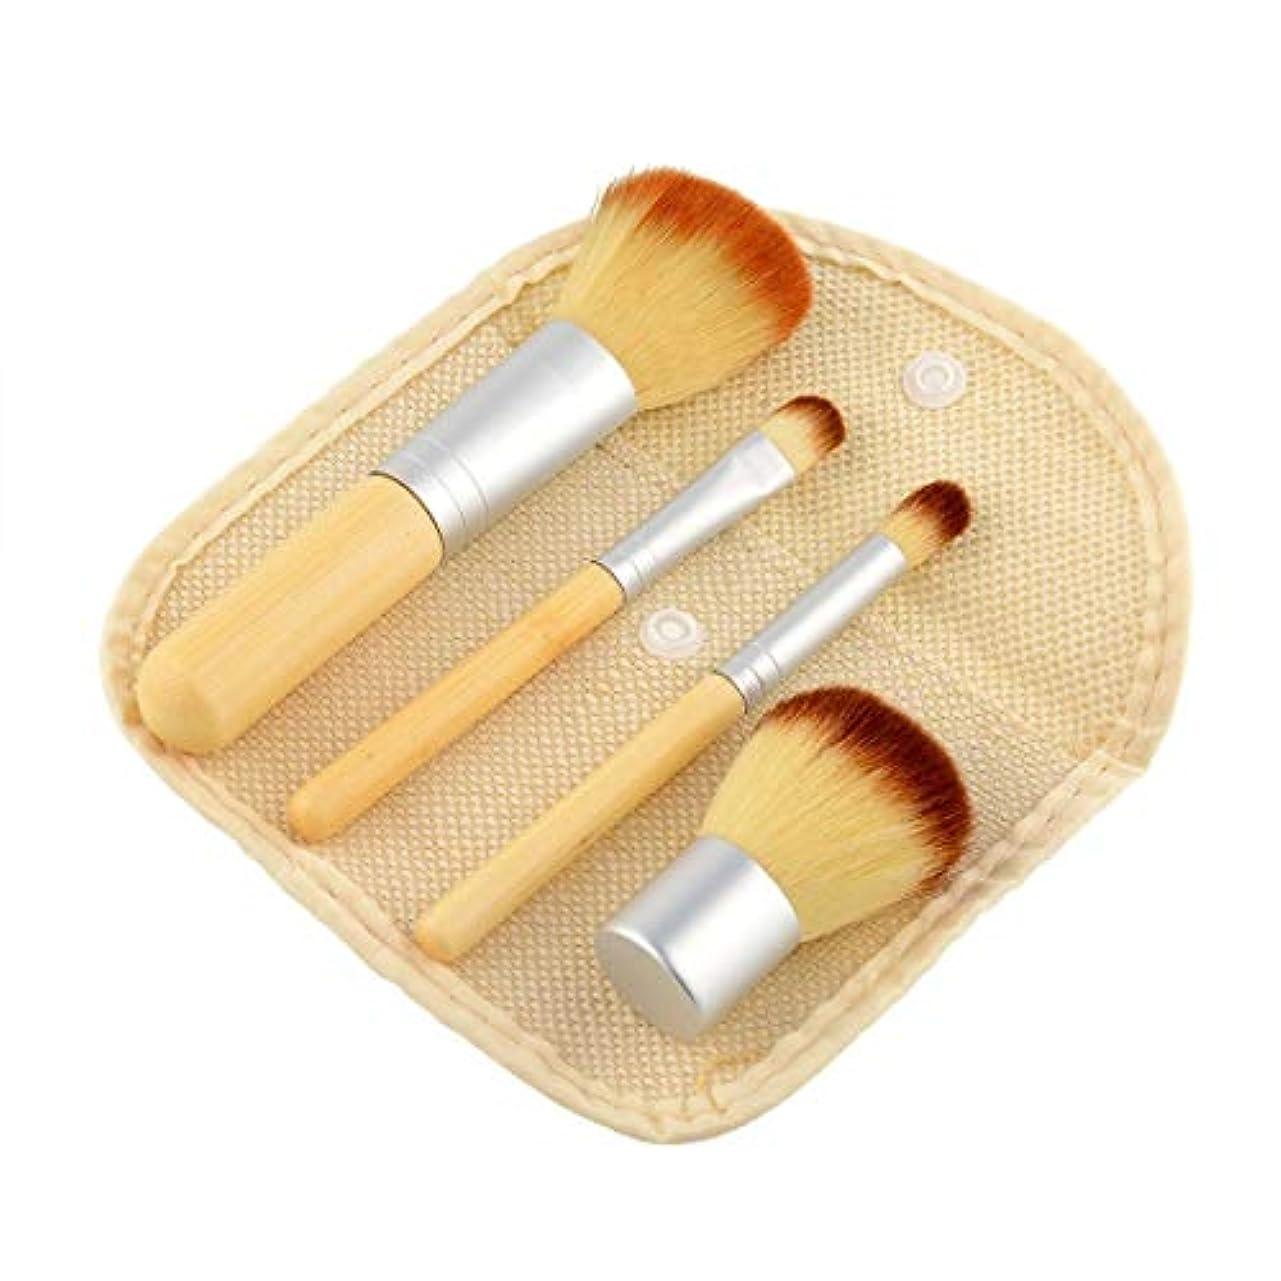 まどろみのあるヒゲすり減るMEI1JIA 竹ハンドル+ストレージポーチ付きQUELLIA 4 PCSプロフェッショナルメイクアップブラシセット美容キット化粧品